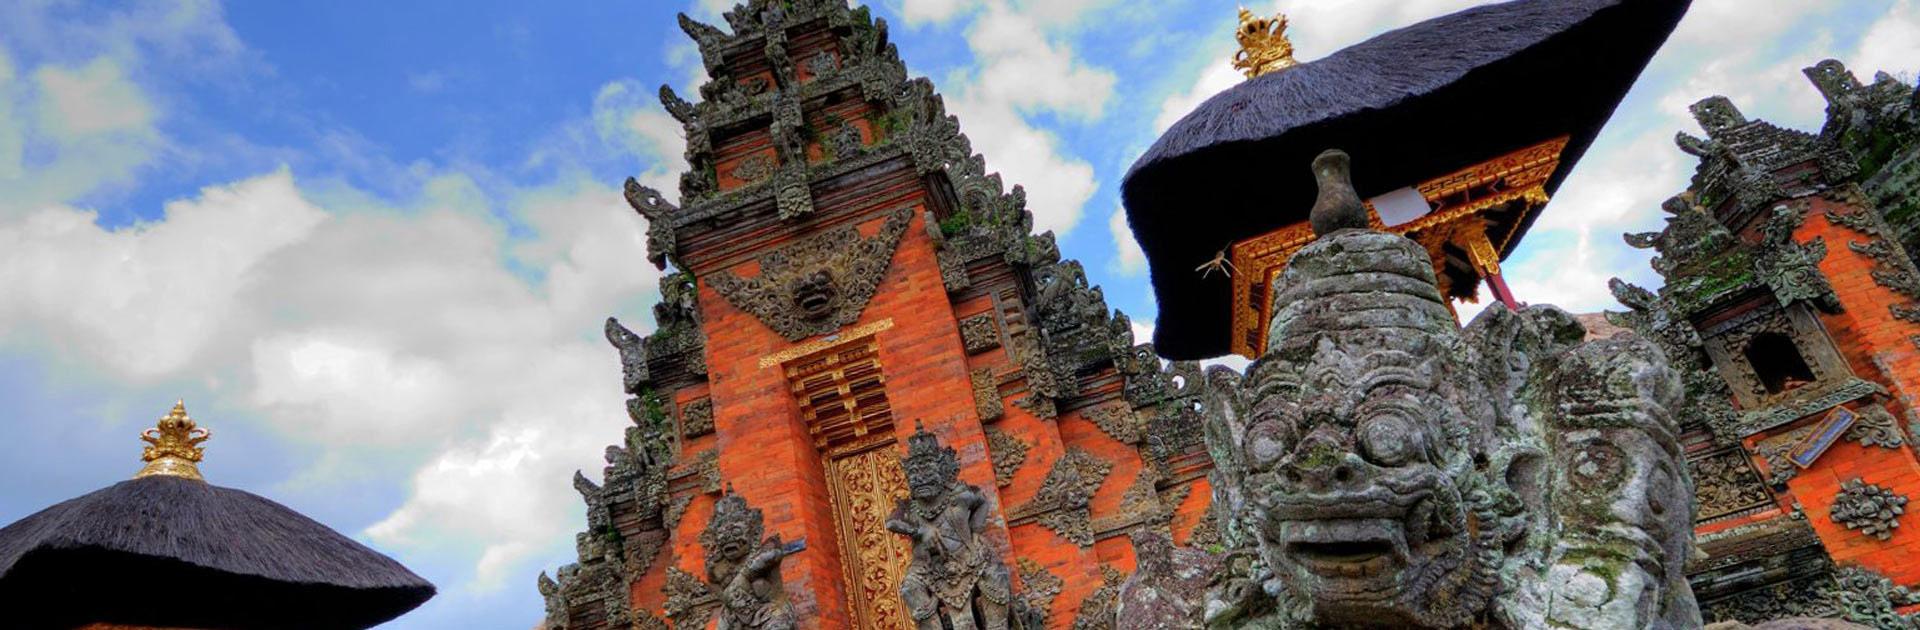 ID Bali y Lombok 13 días 2